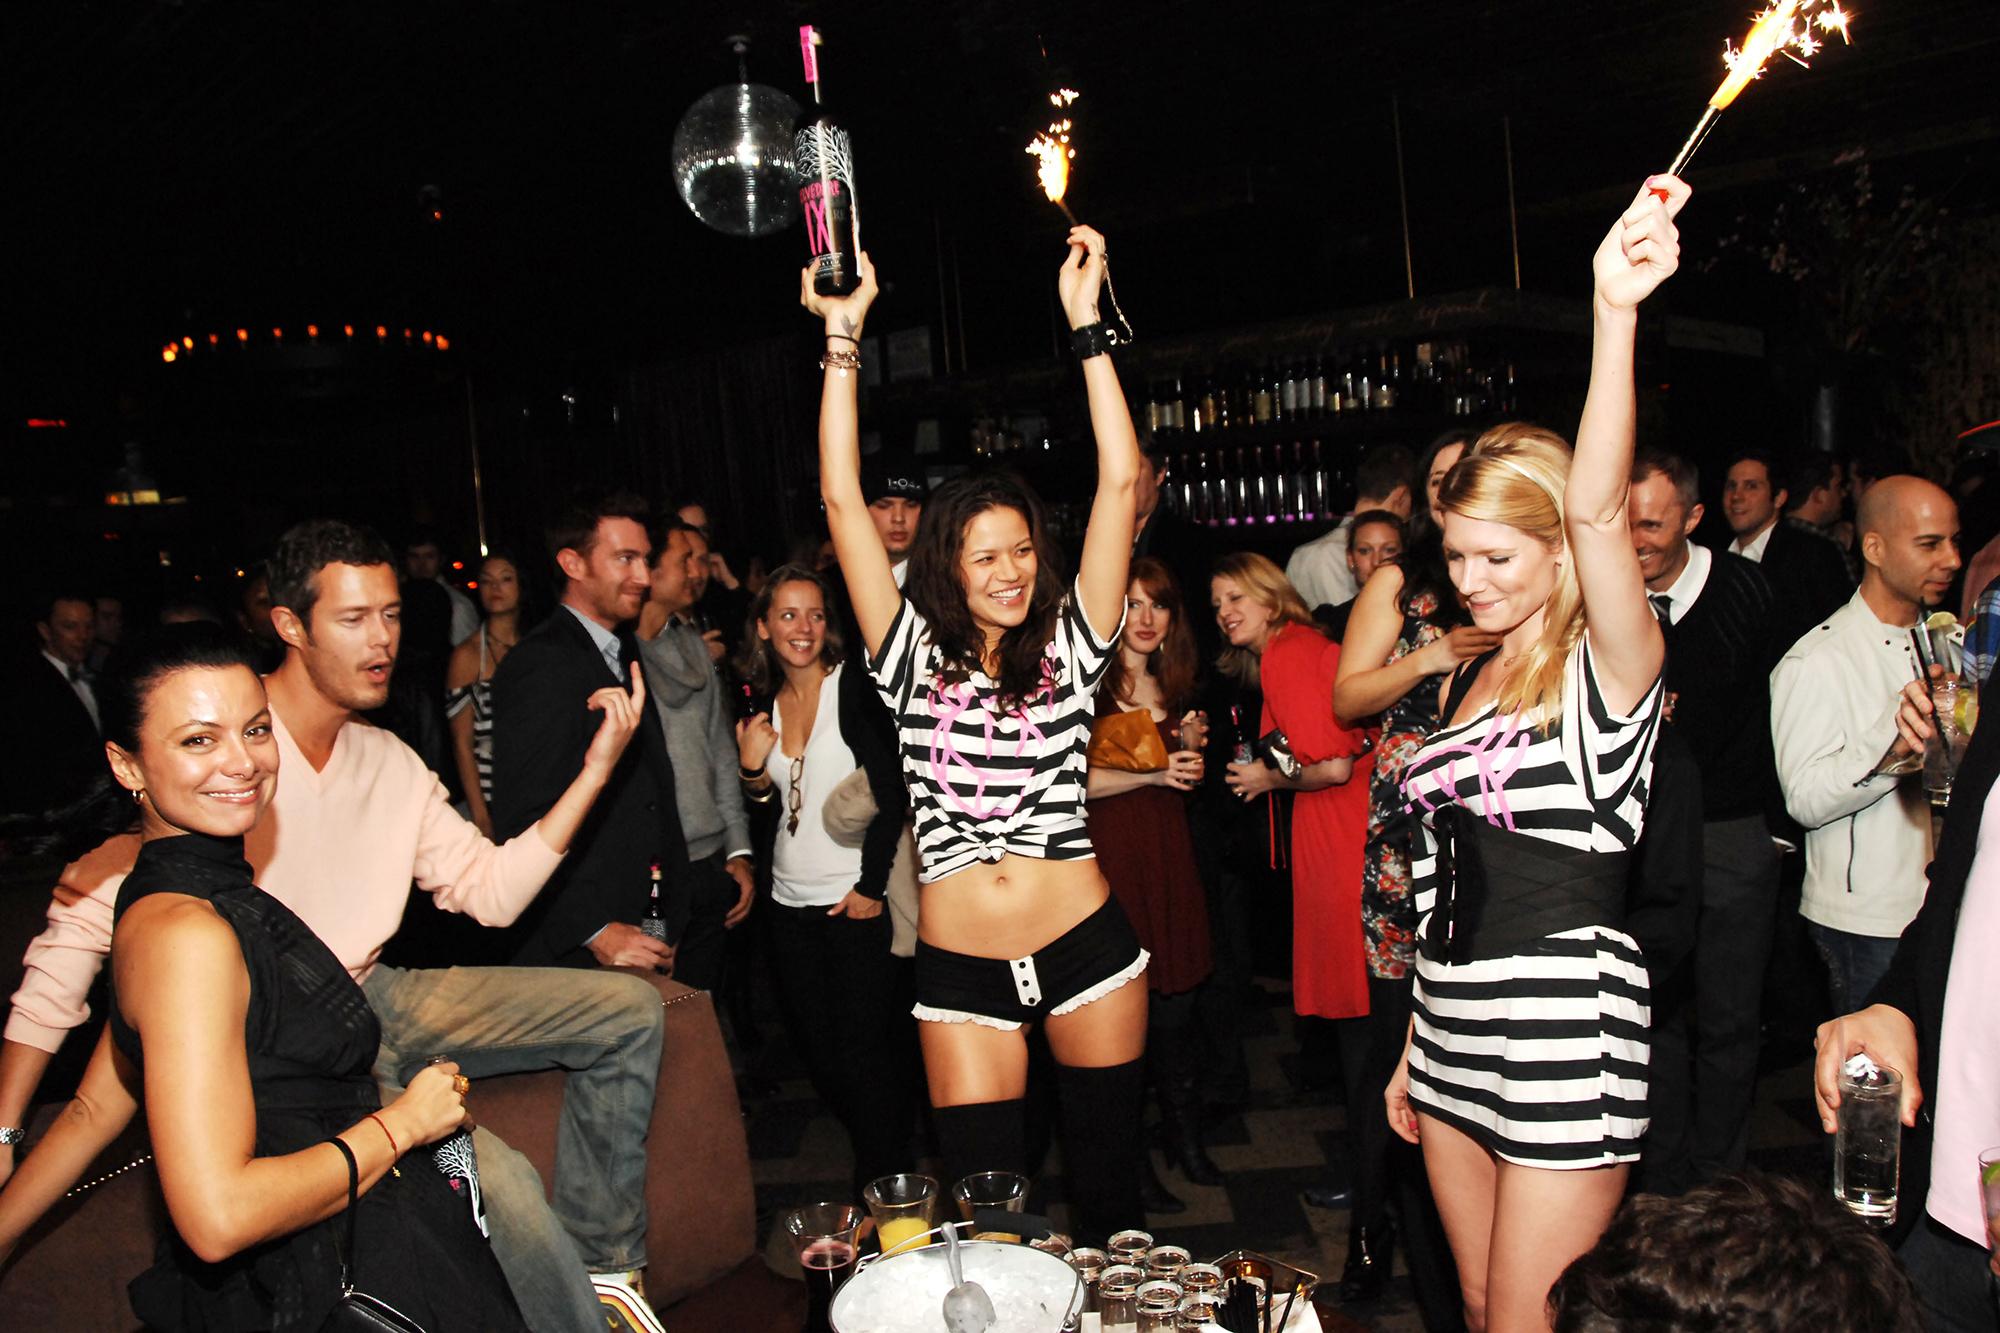 Работа девушка модель в ночной клуб работа девушке моделью стерлитамак